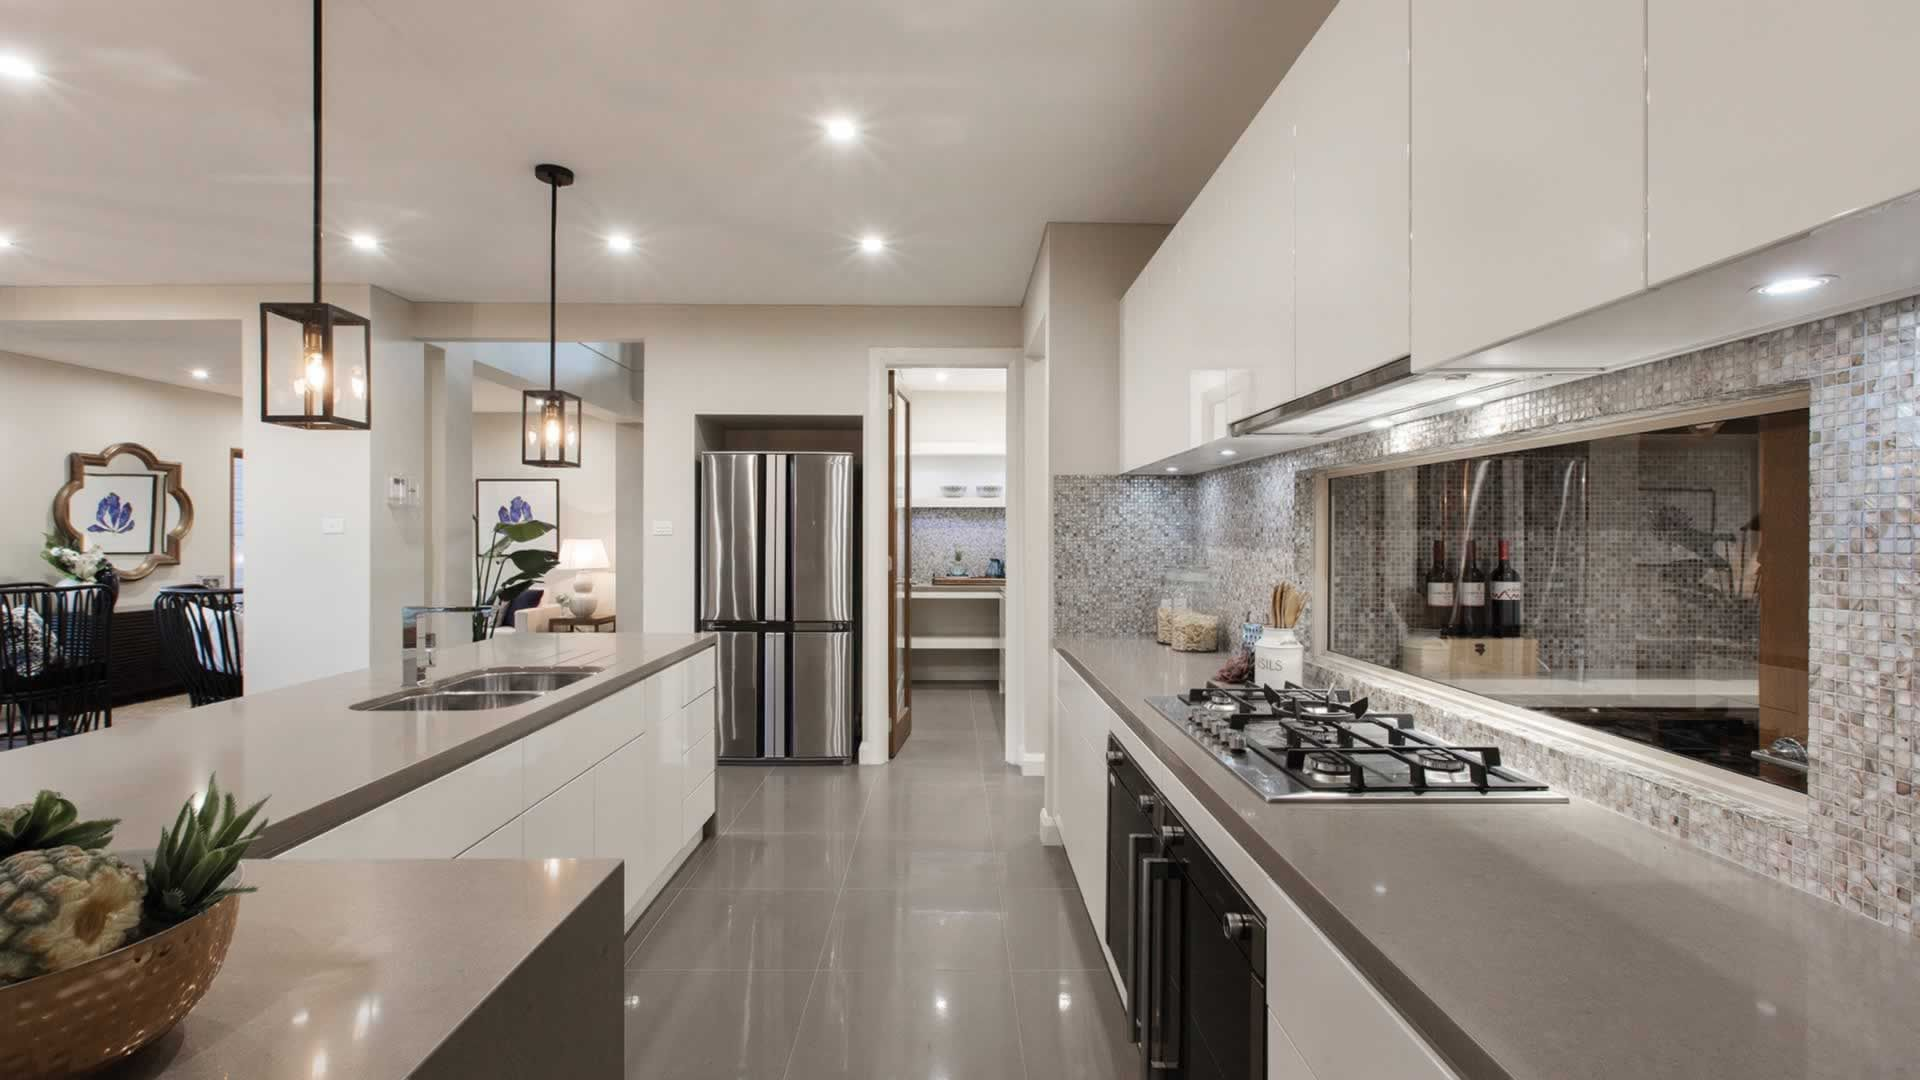 Waldorf - Prestige Series | Eden Brae Homes | kitchen stuff ...